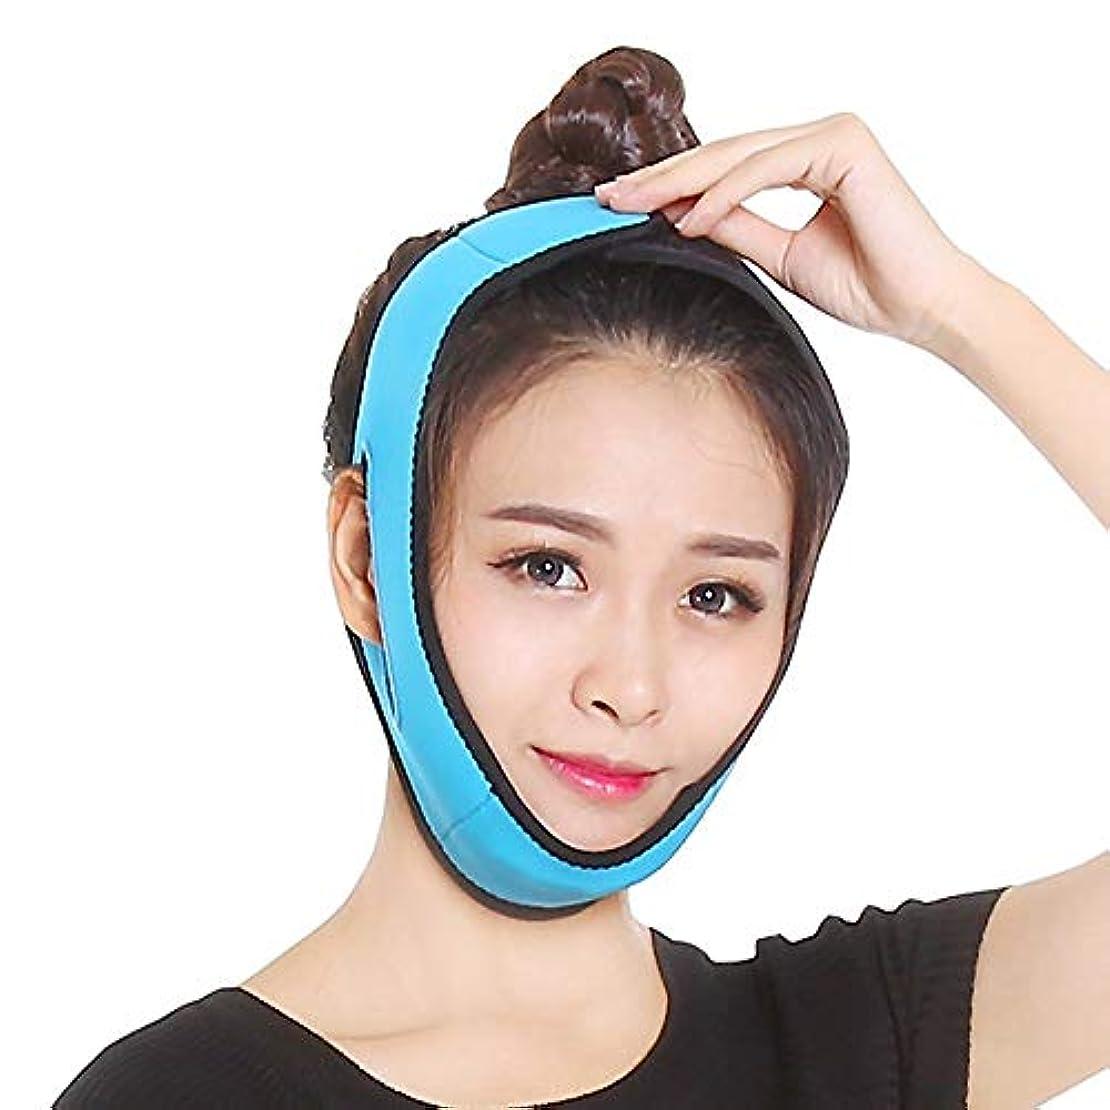 文化レインコート超越するJia Jia- フェイシャルリフティングスリミングベルト - 薄いフェイス包帯二重あごデバイス無料フェイシャルマッサージ整形マスクを引き締める顔と首の顔スリム 顔面包帯